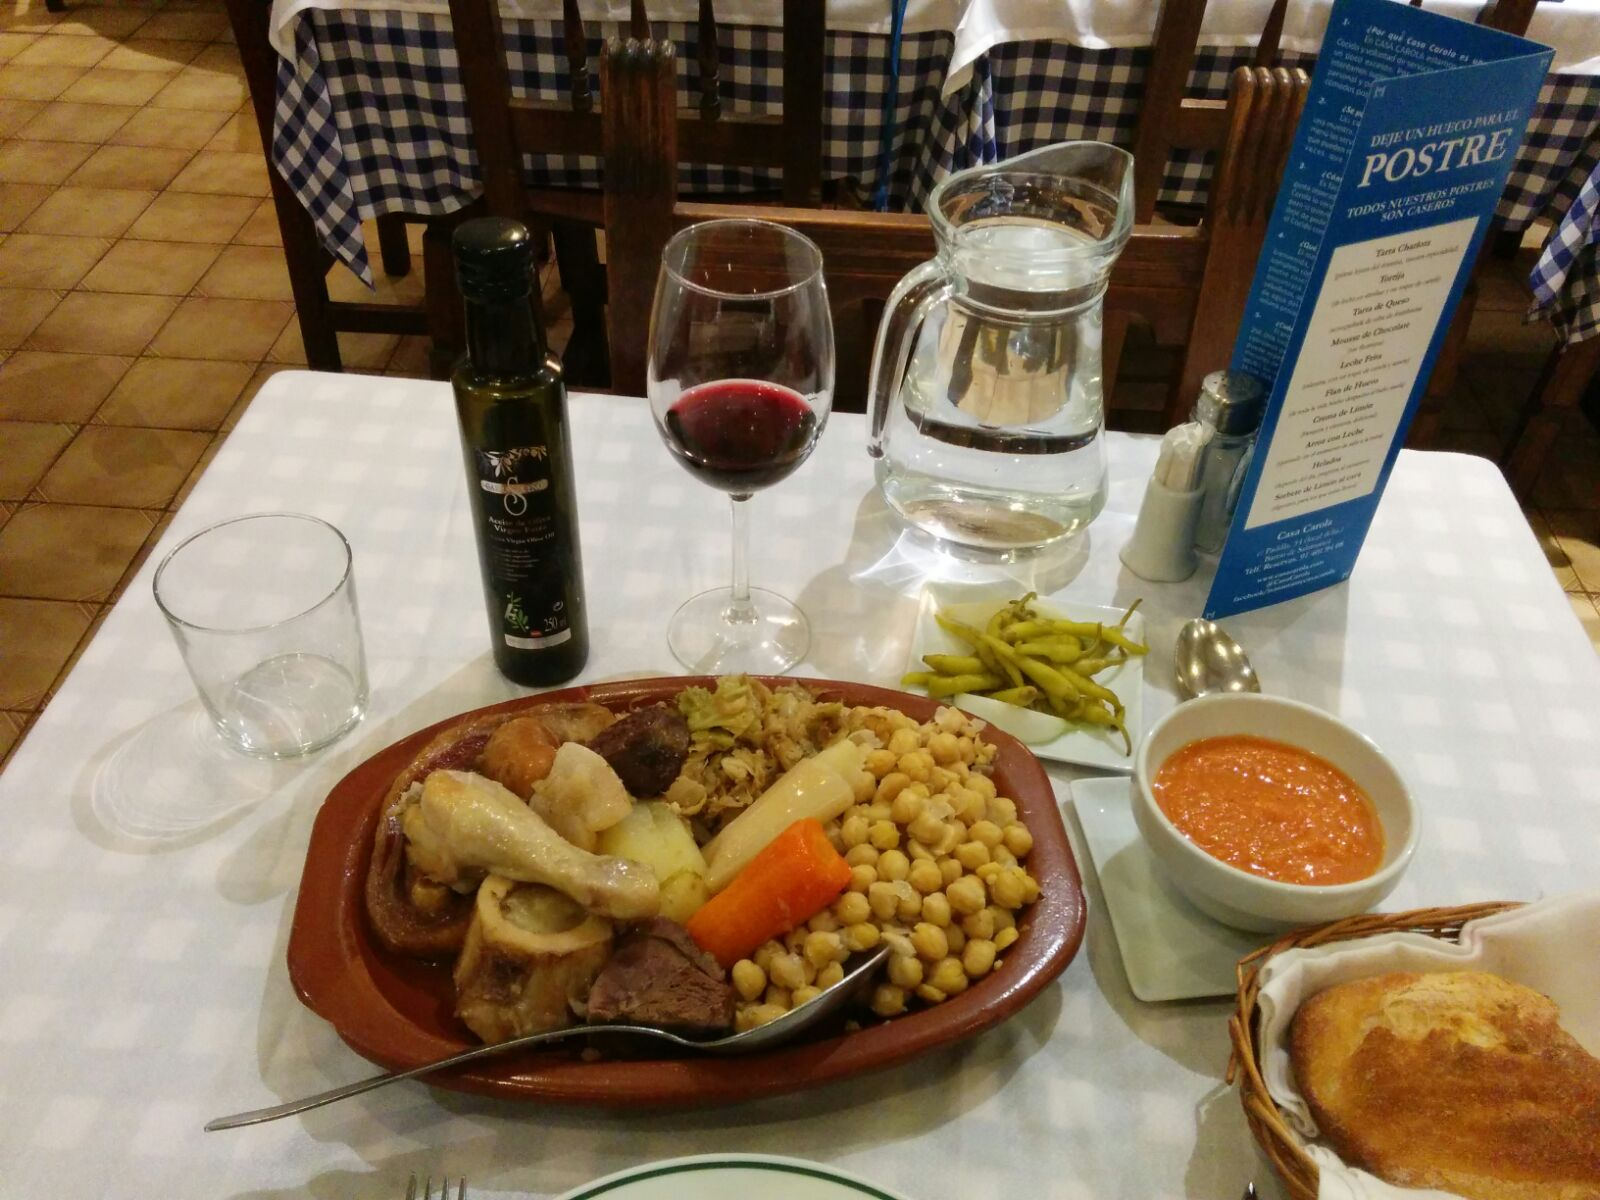 Casa Carola aparece en todas las guías de gastronomía como el mejor lugar para tomar Cocido Madrileño. Nos encanta que utilicen AOVE Carrasqueño para elaborar esta tradicional receta.